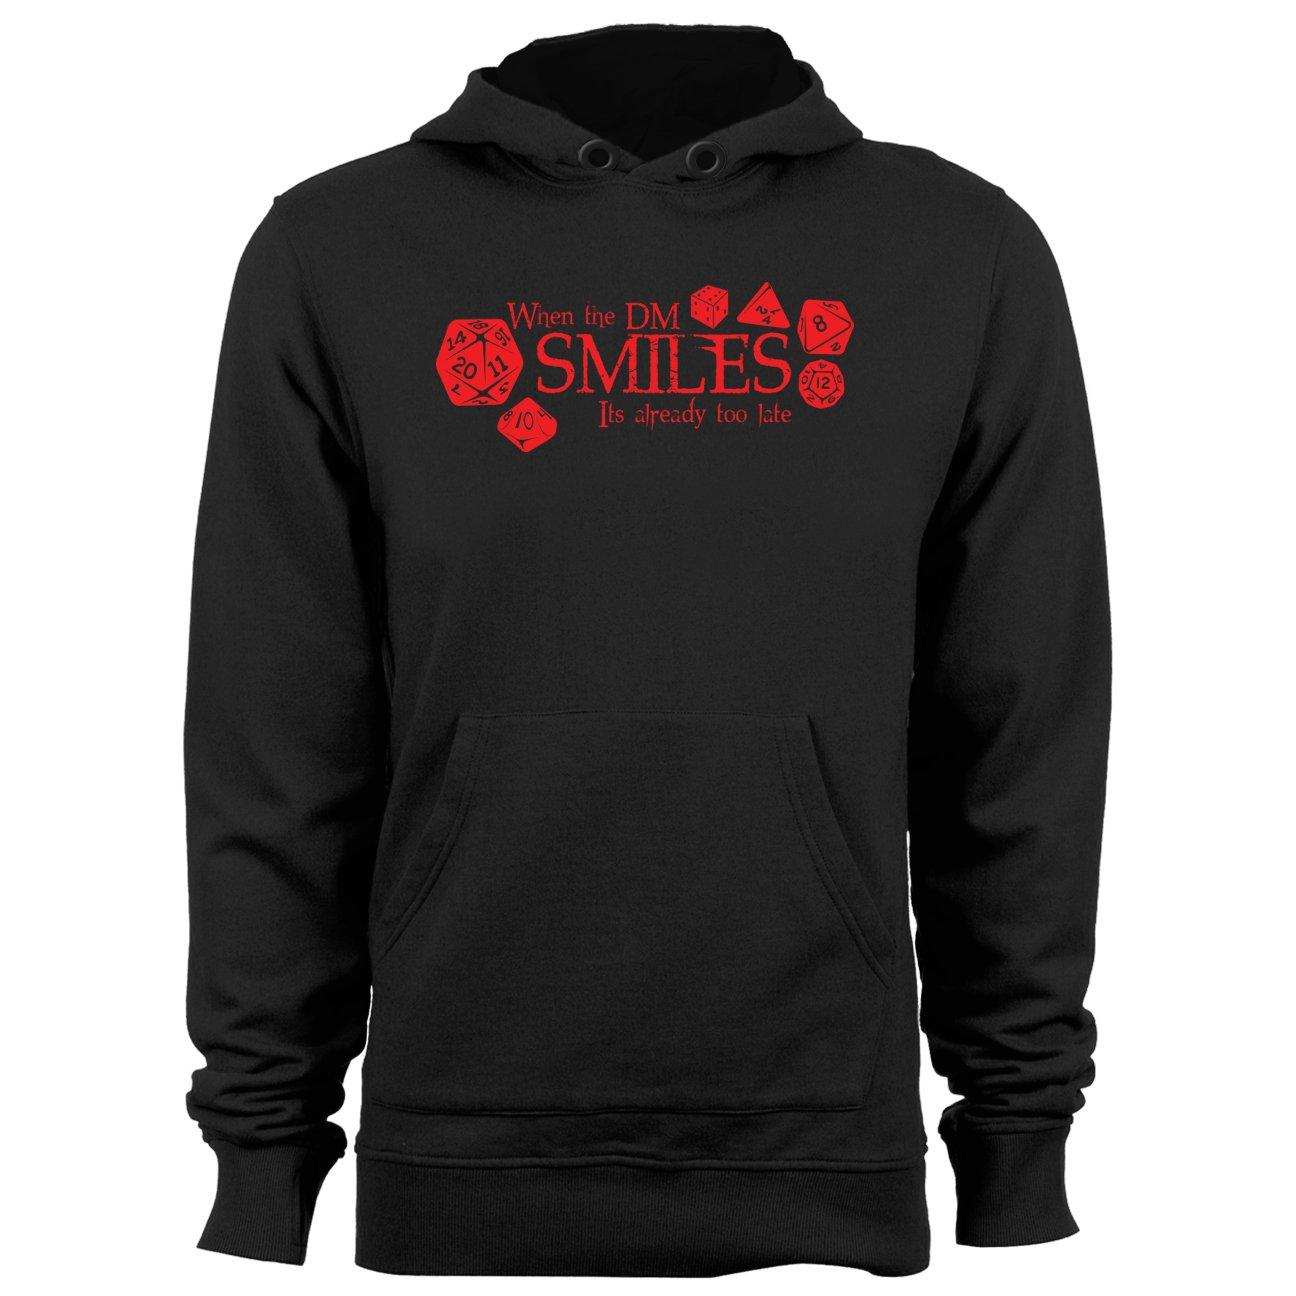 DM Smiles Hoodie